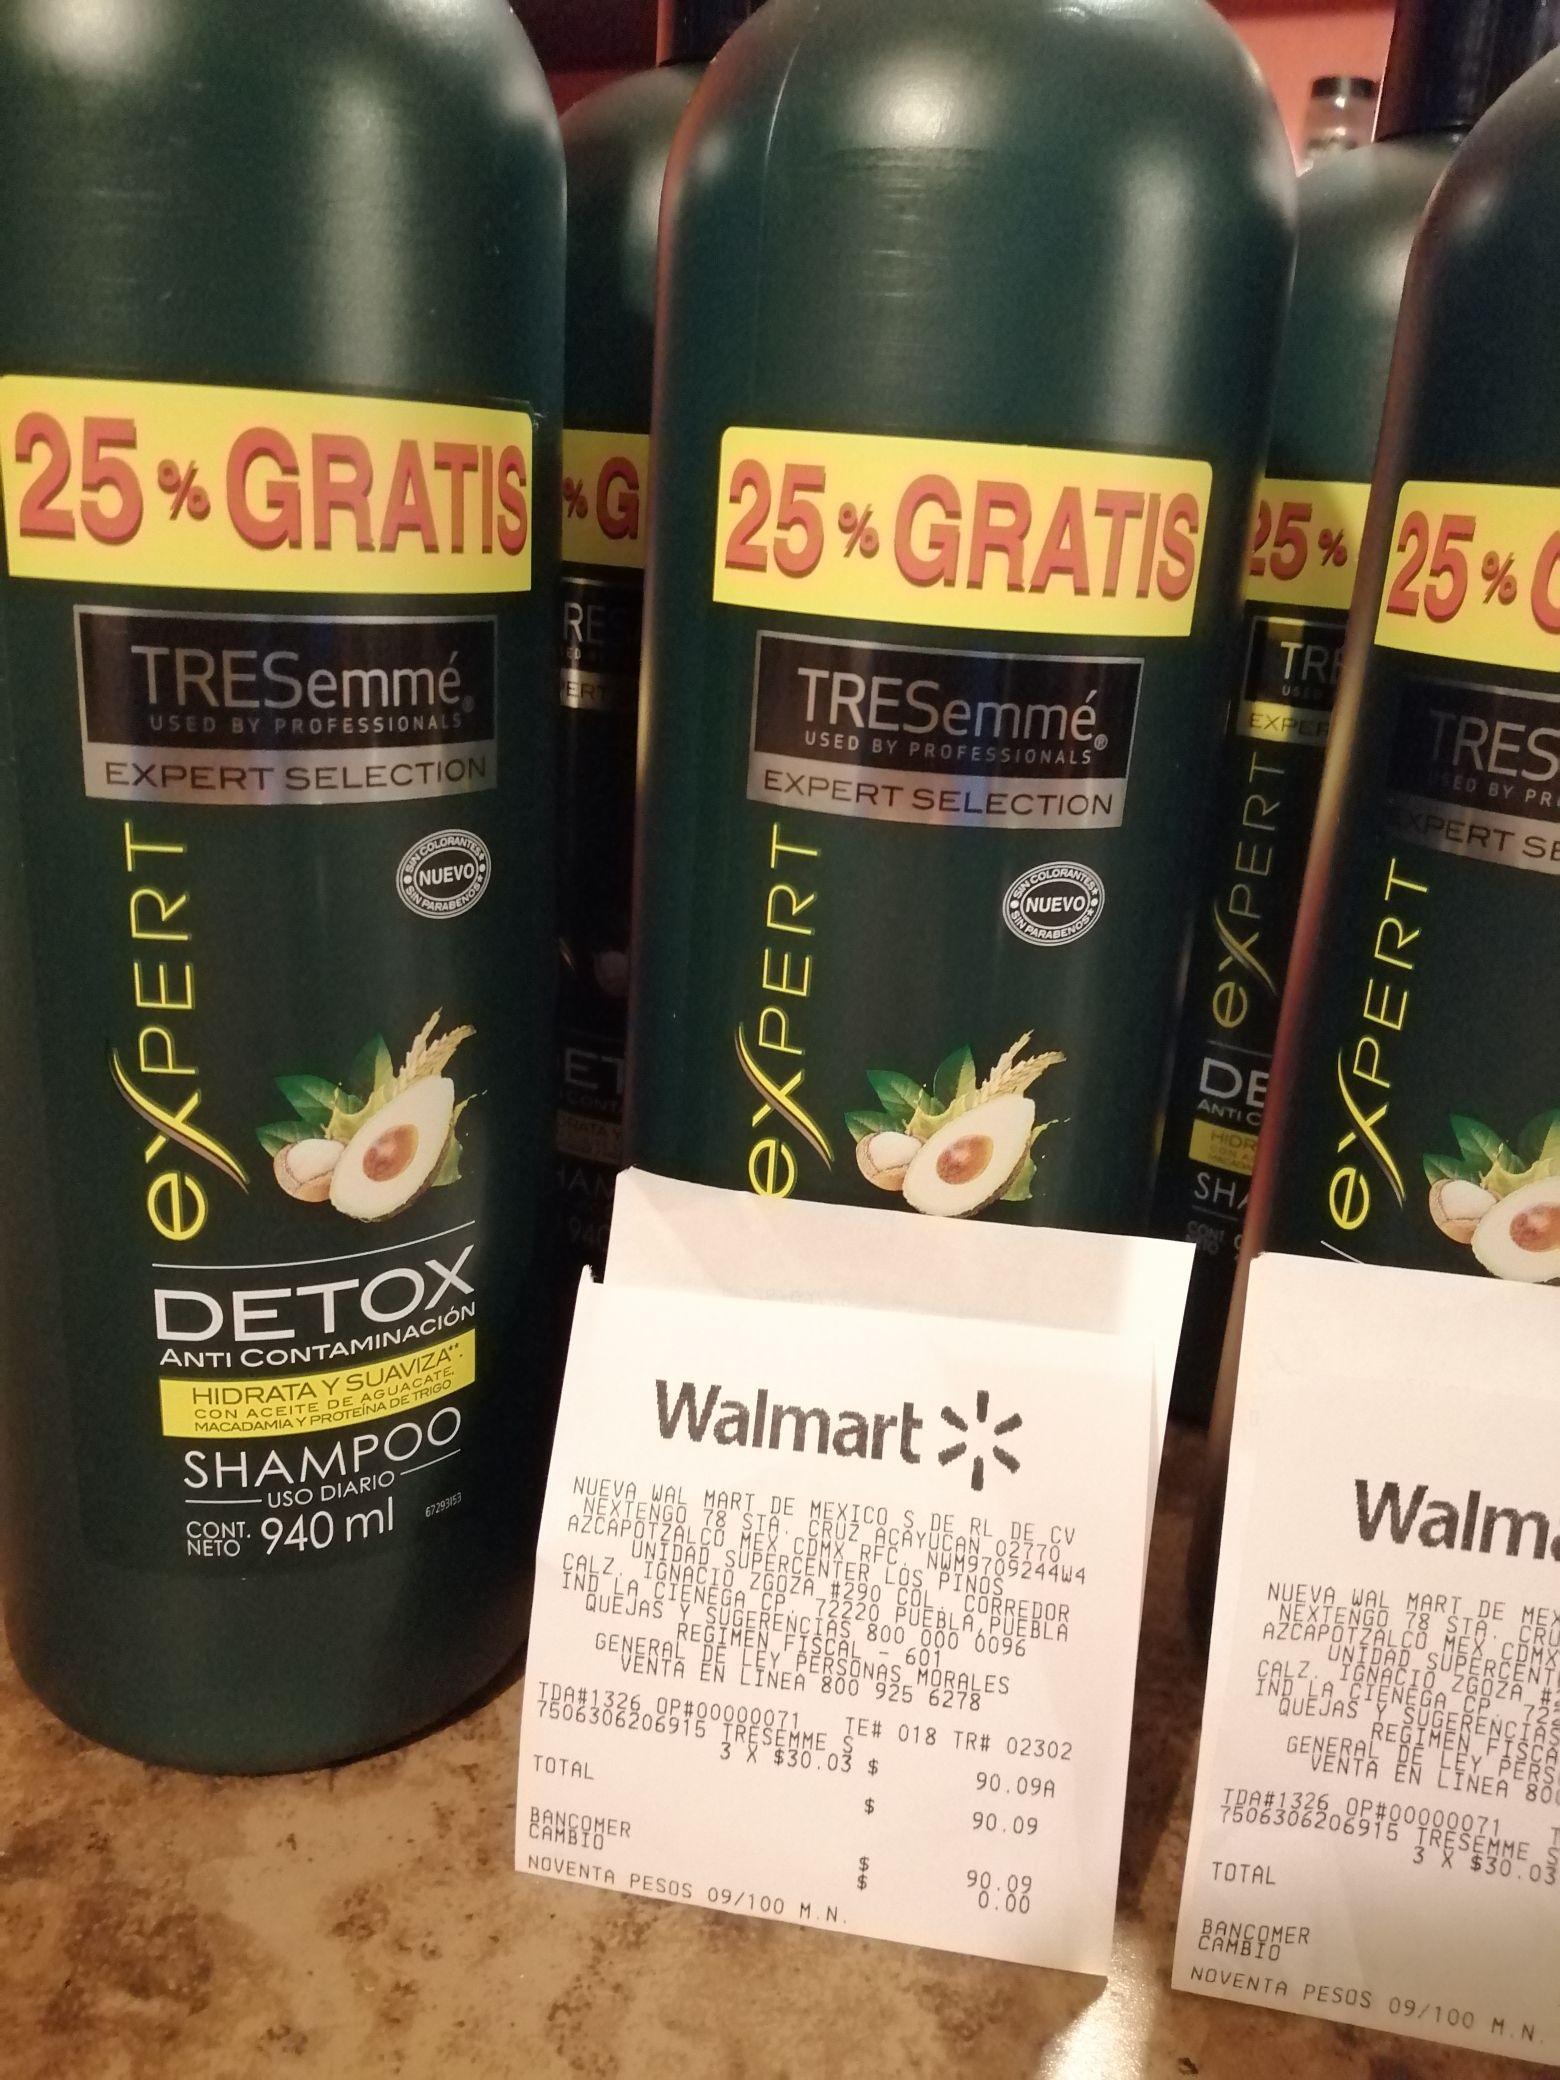 Walmart los Pinos Puebla, Shampoo Tresemme